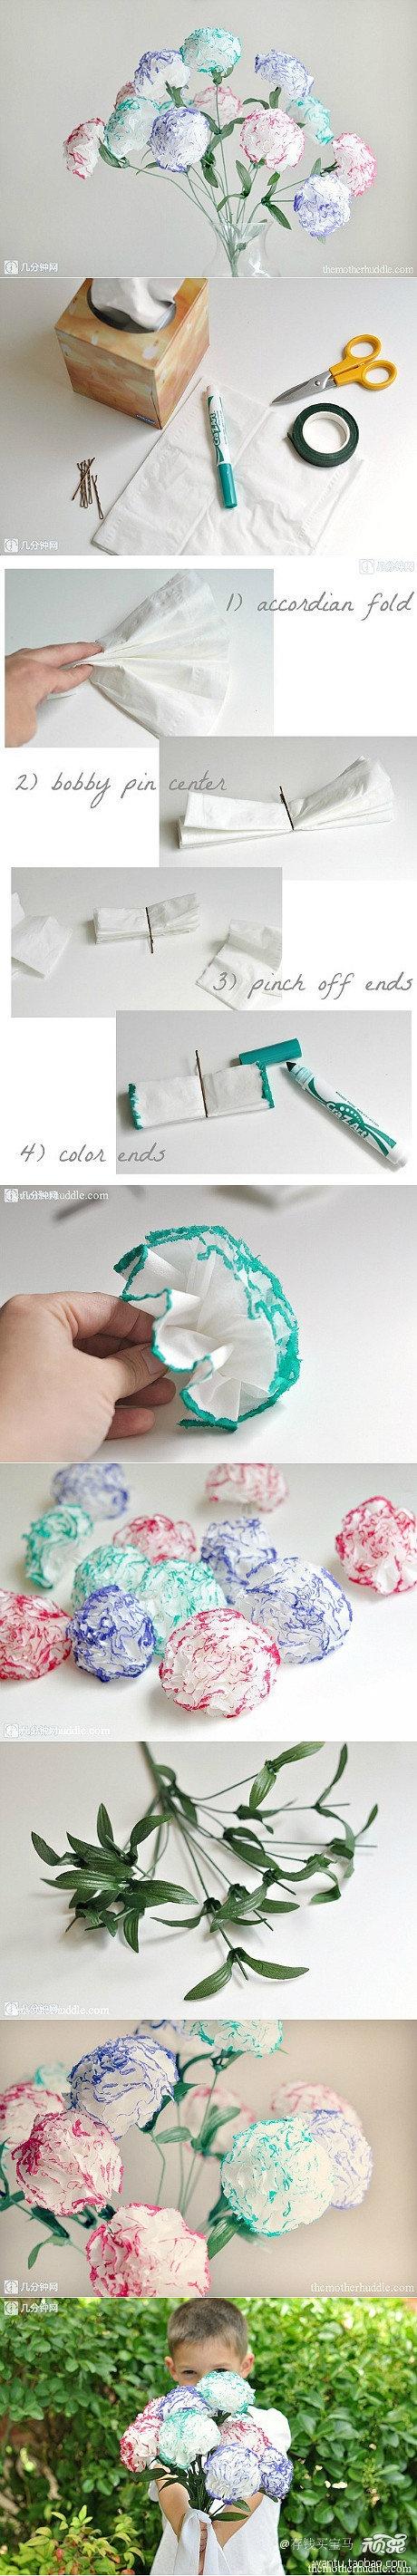 如此漂亮的花束竟然是餐巾纸做的,你一定没想到吧